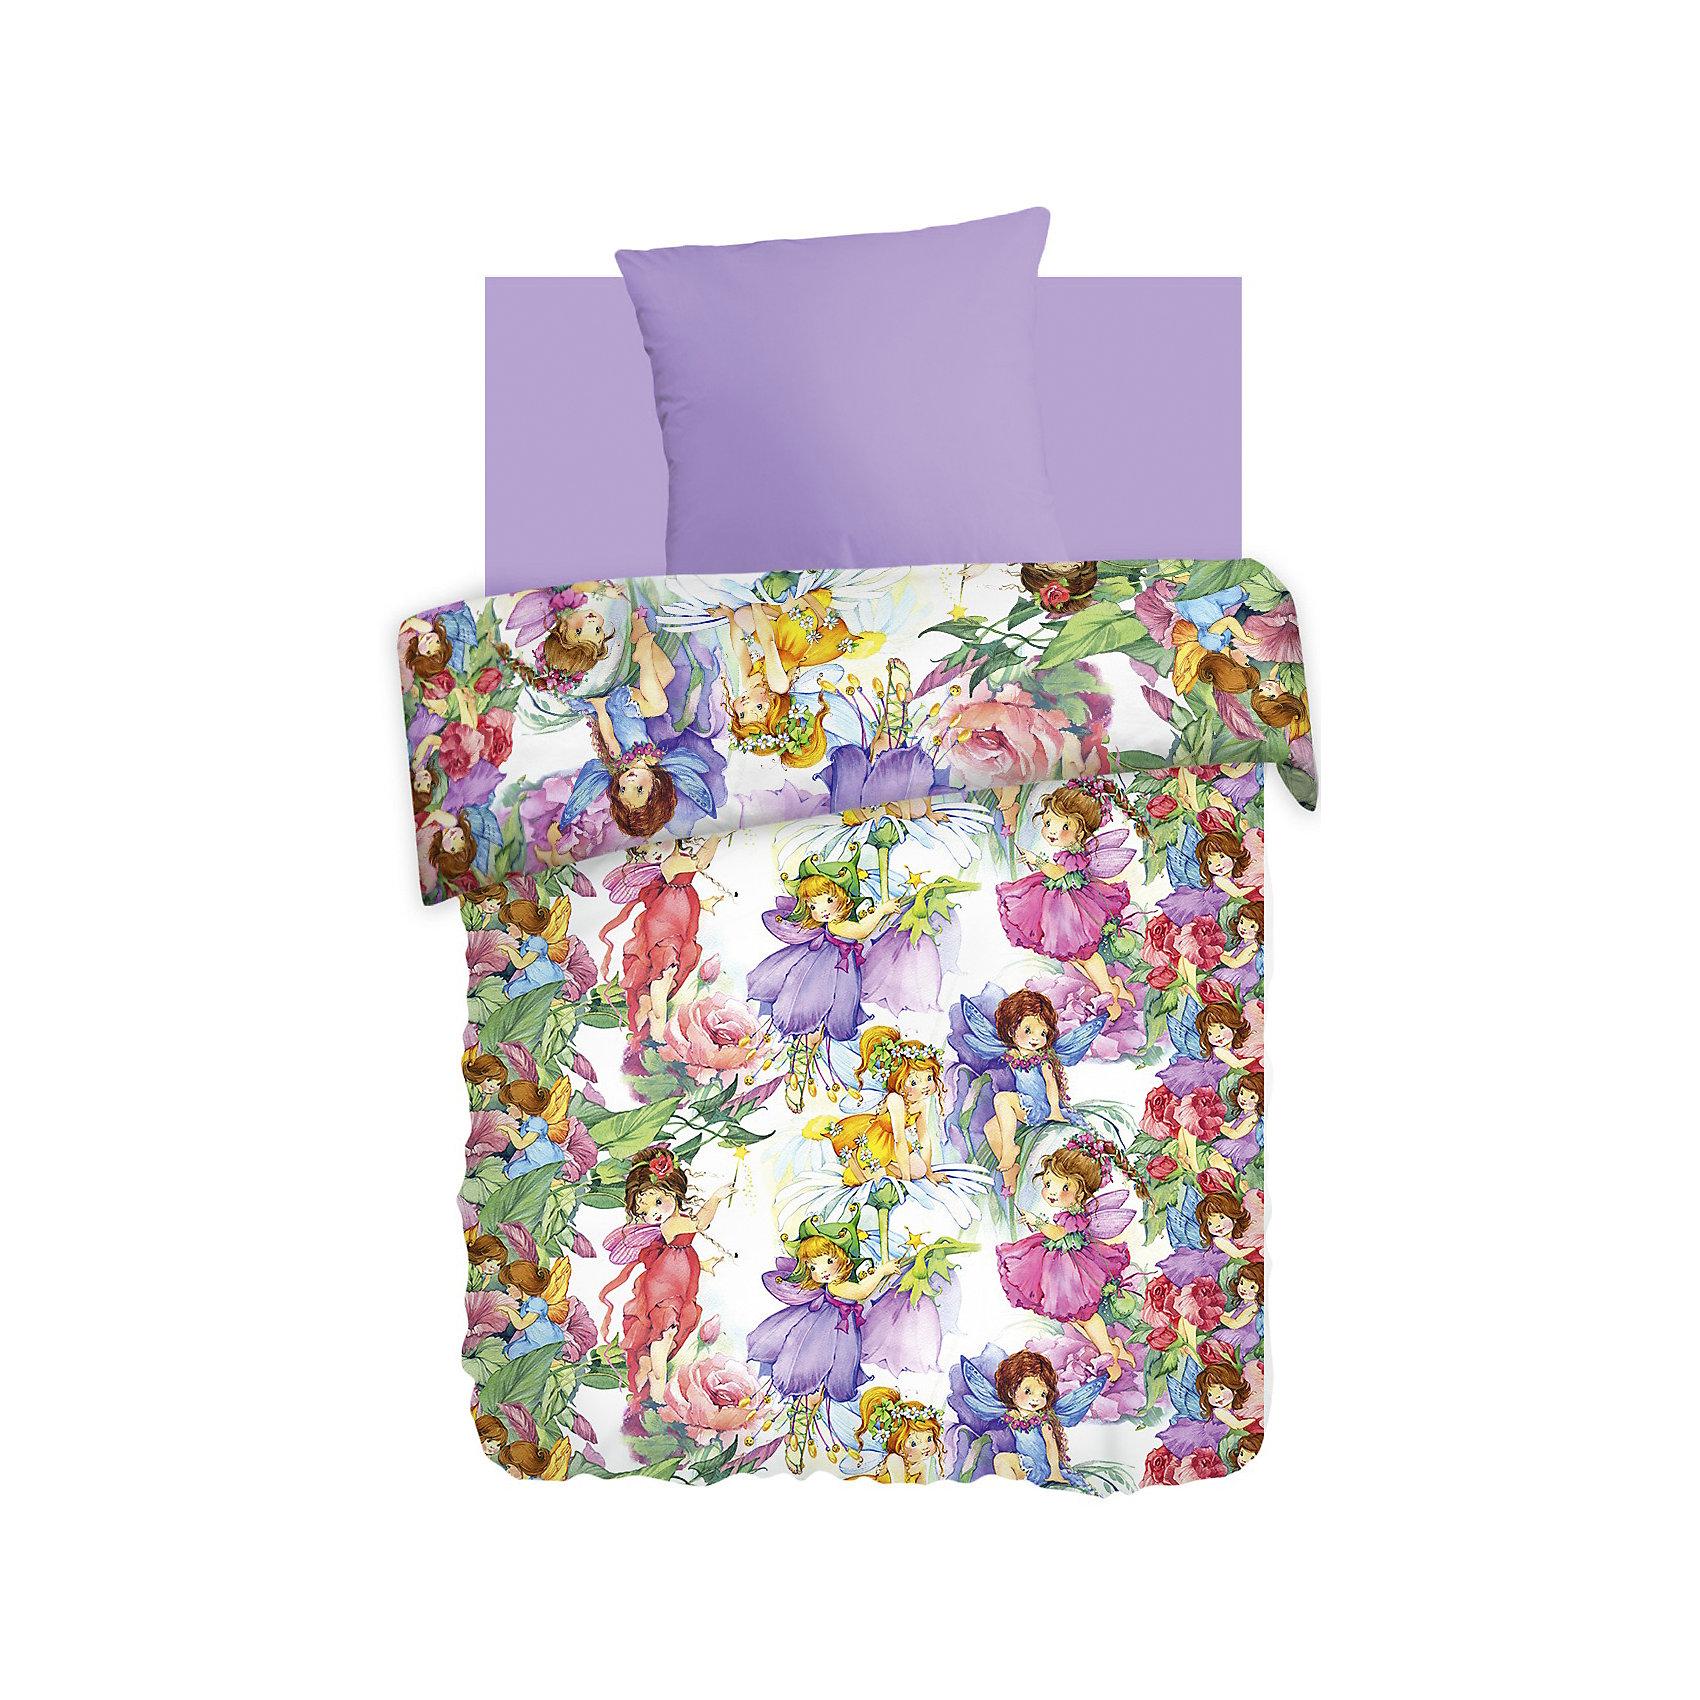 Непоседа Постельное белье 1,5 Цветочные феи (нав.70*70) бязь, Непоседа, лиловый непоседа постельное белье маленькие феечки 3 предмета непоседа